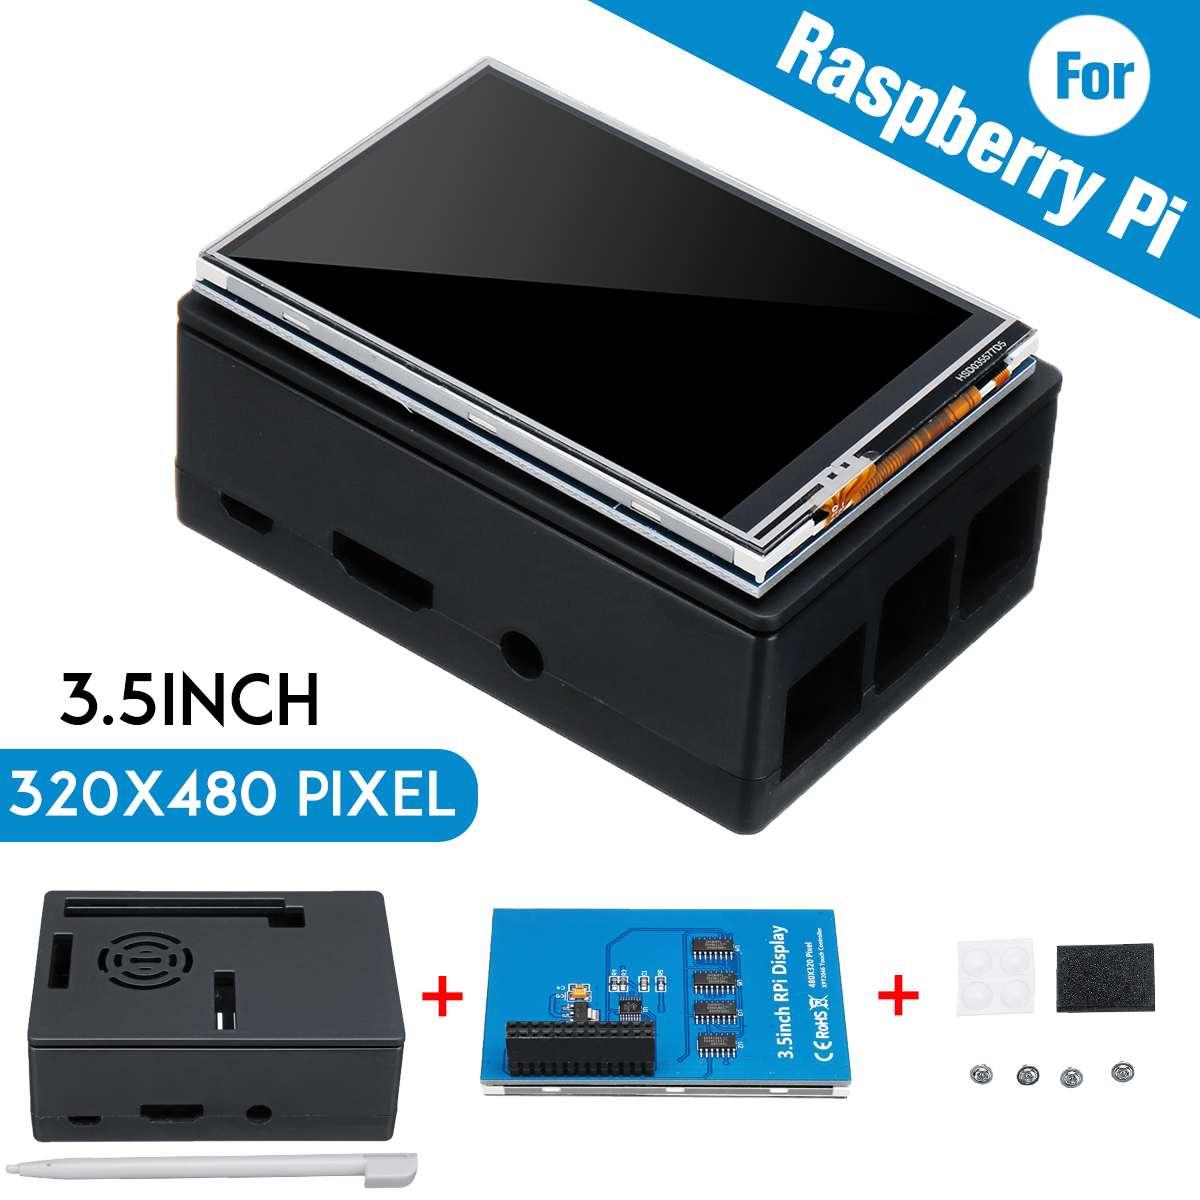 Para Raspberry Pi TFT a Cores Display LCD de Tela Tou ch 3 3.5 polegada + ABS Caso + Caneta de Toque LCD exibição Conjunto Monitor para Raspberry Pi